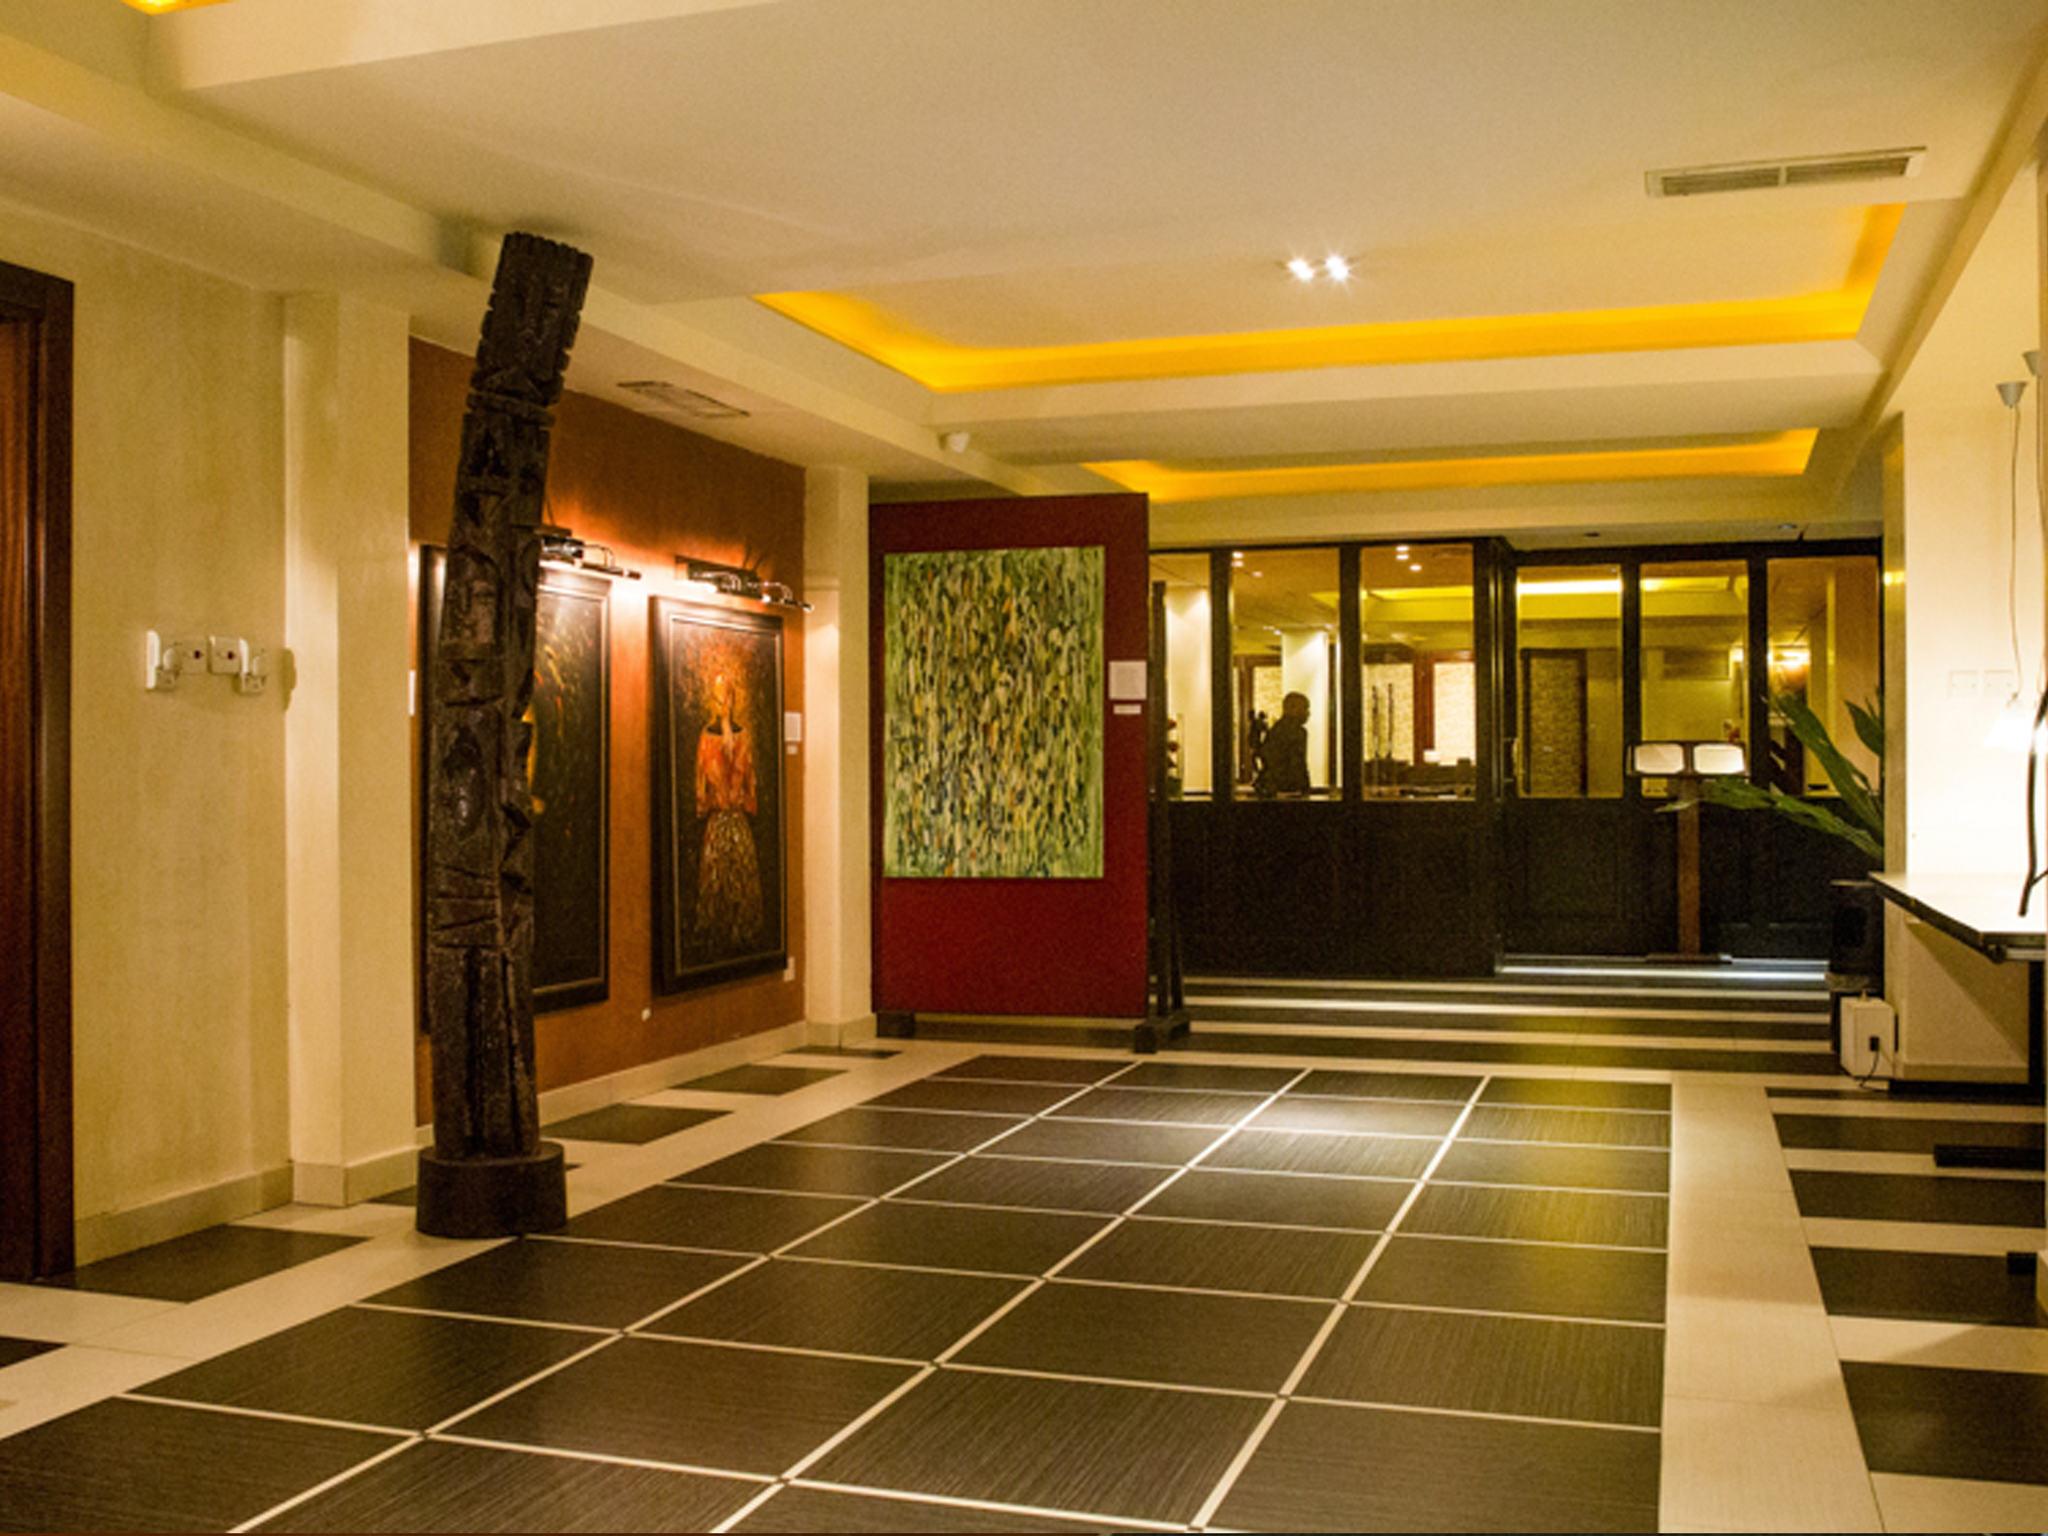 ホテル – ホテル ムーアハウス イコイ ラゴス Mギャラリー by ソフィテル